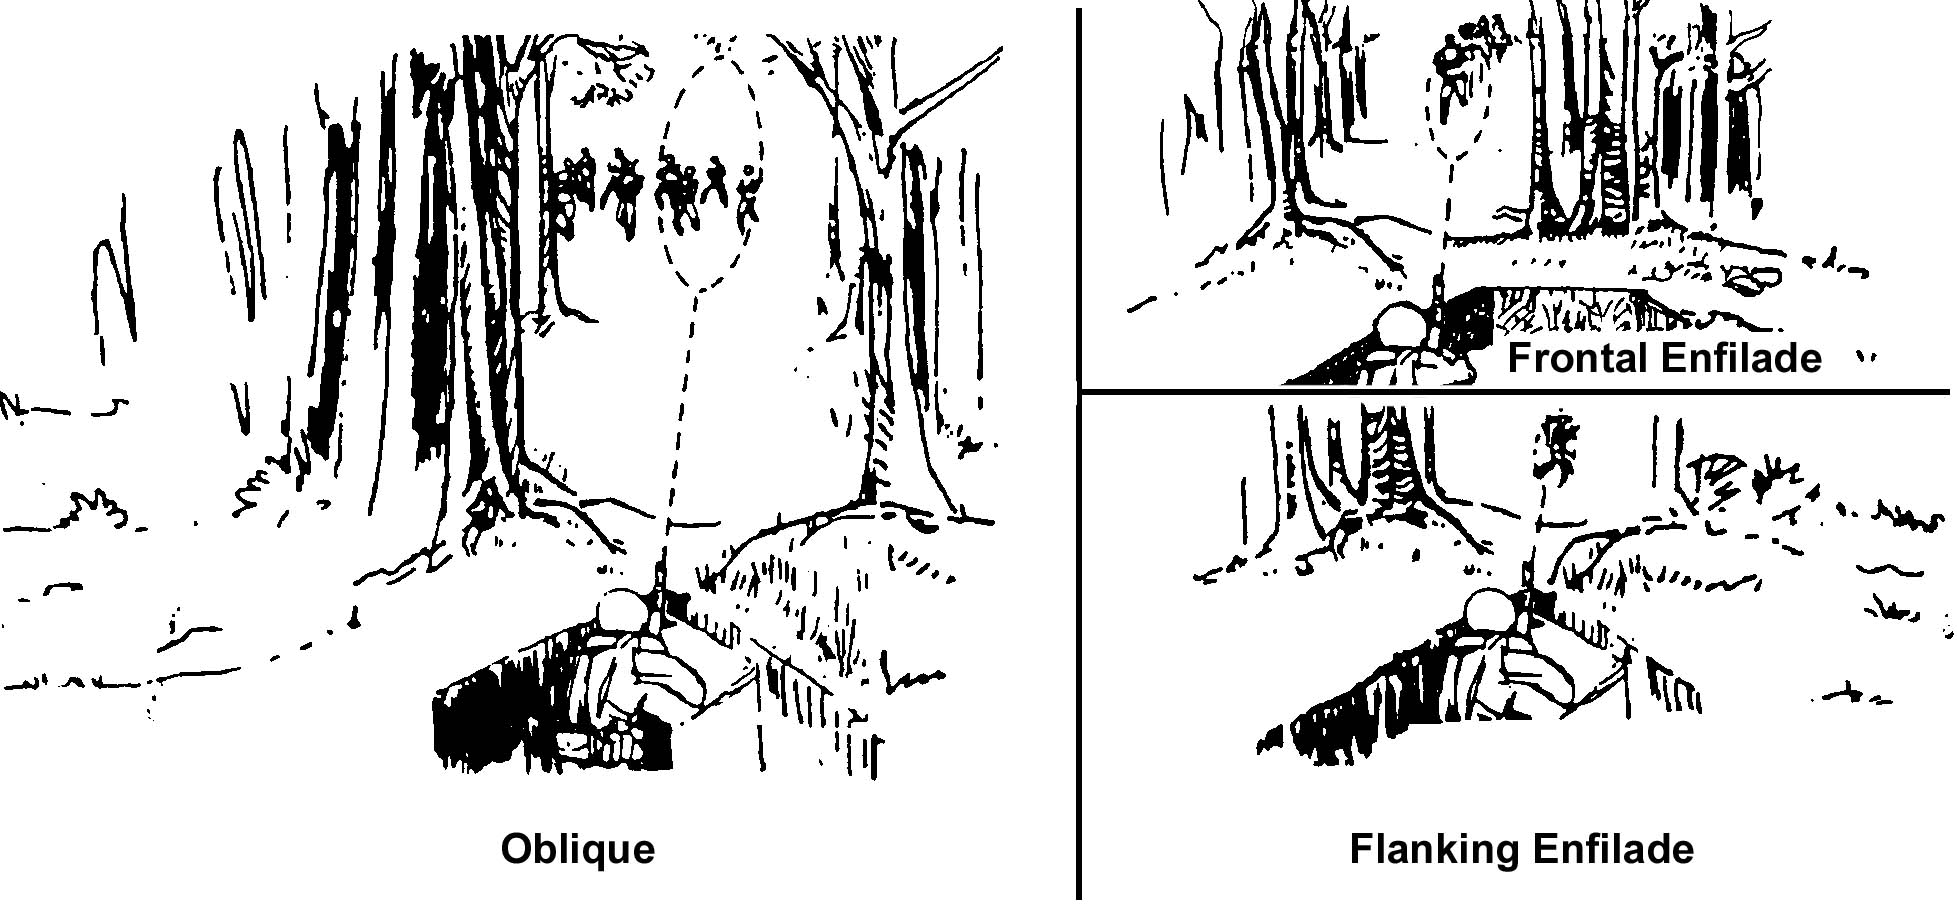 Fm23 22 68 Chapter 5 Combat Techniques Of Fire